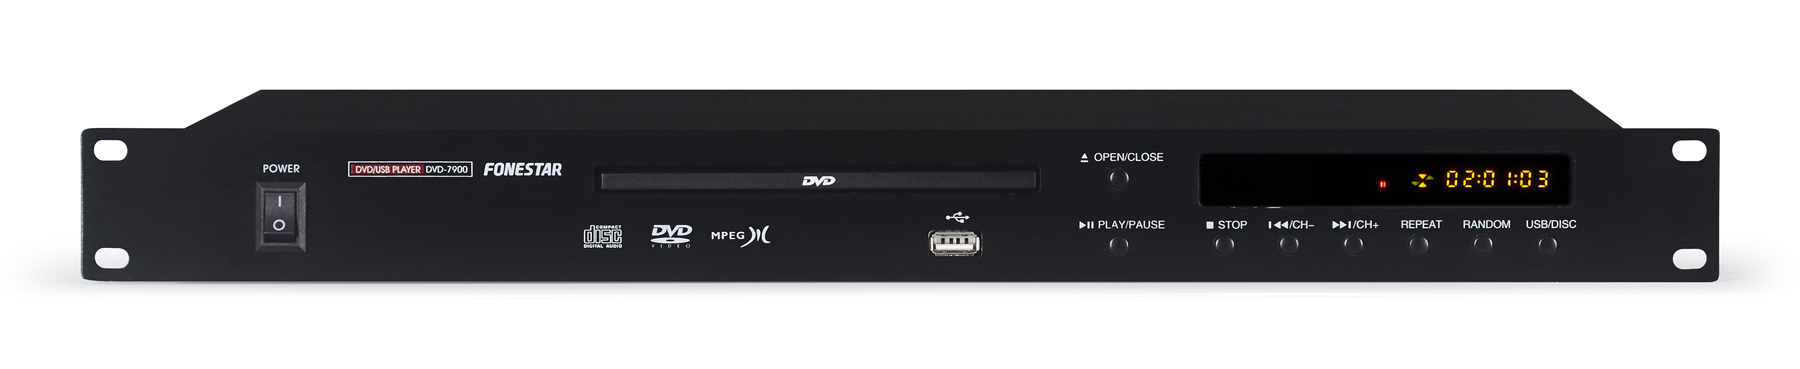 DVD-7900.jpg